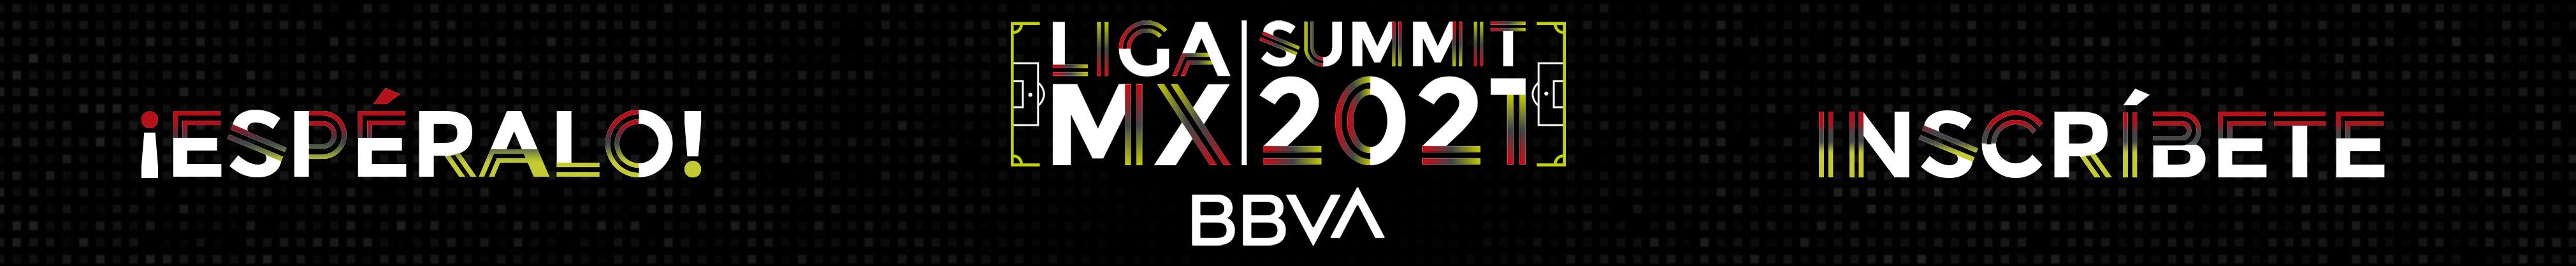 LIGA MX Summit 2021